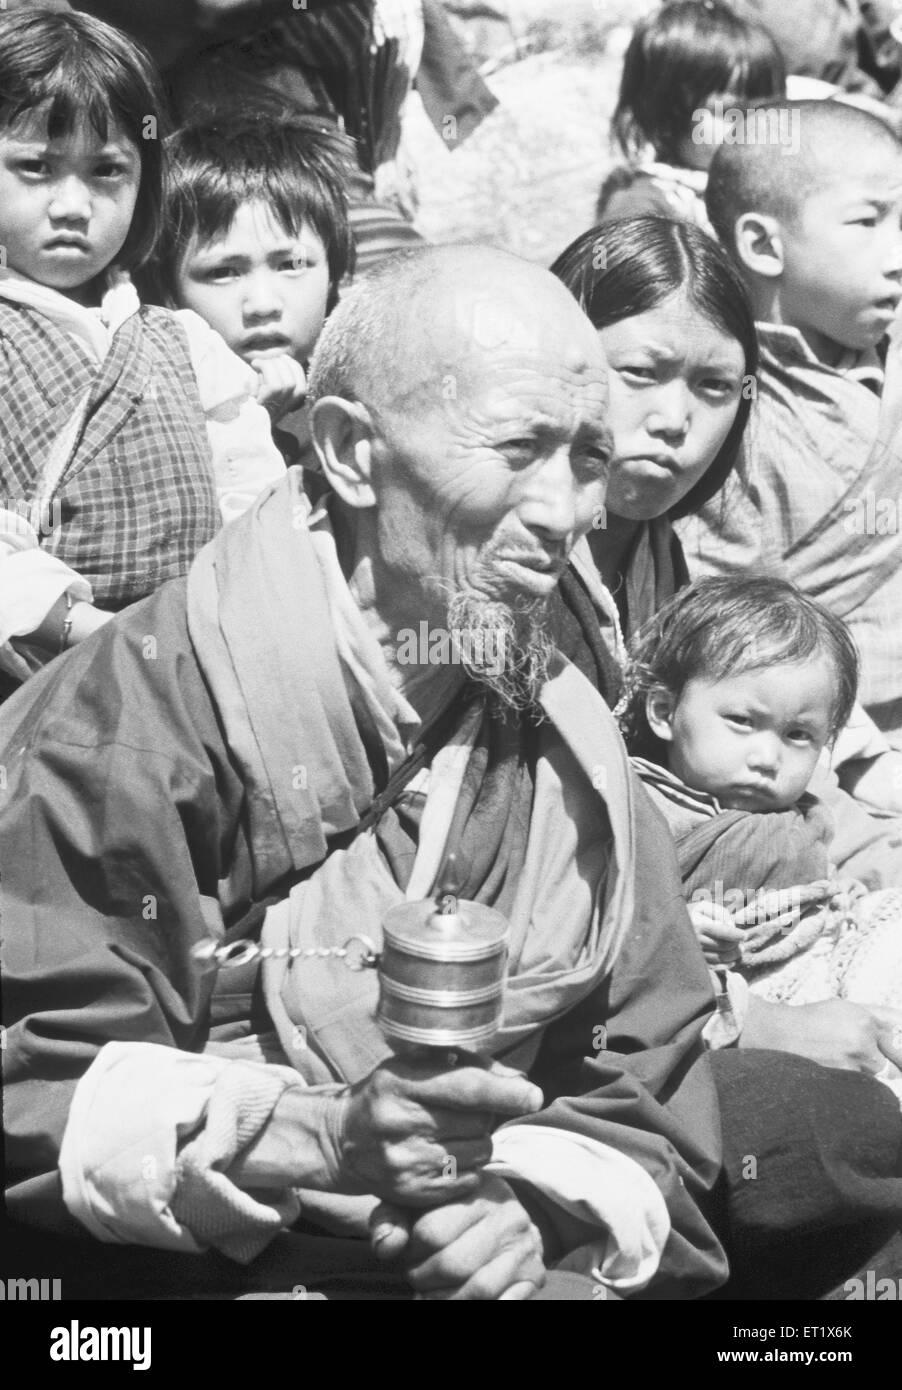 Il vecchio uomo vestito in costume tradizionale gira la ruota di preghiera al festival ; Bhutan Immagini Stock